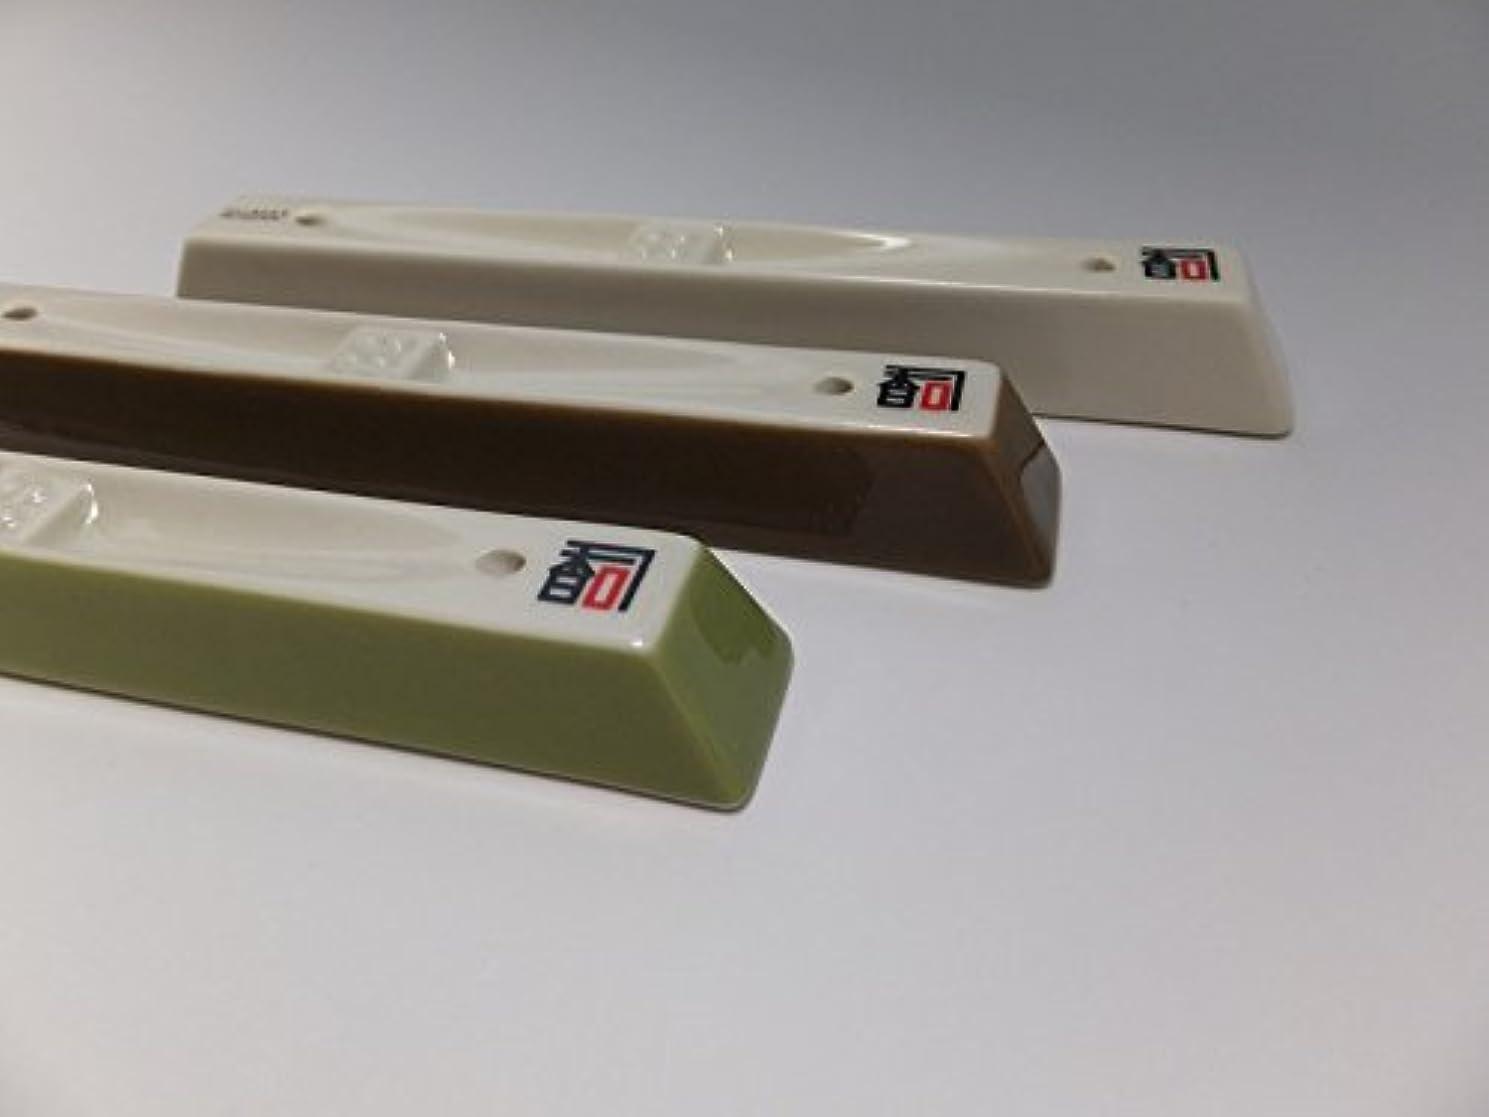 ドループ頬骨ストレンジャーあわじ島の香司 「香司オリジナル商品」 特製 香立 3種(緑?白?茶)